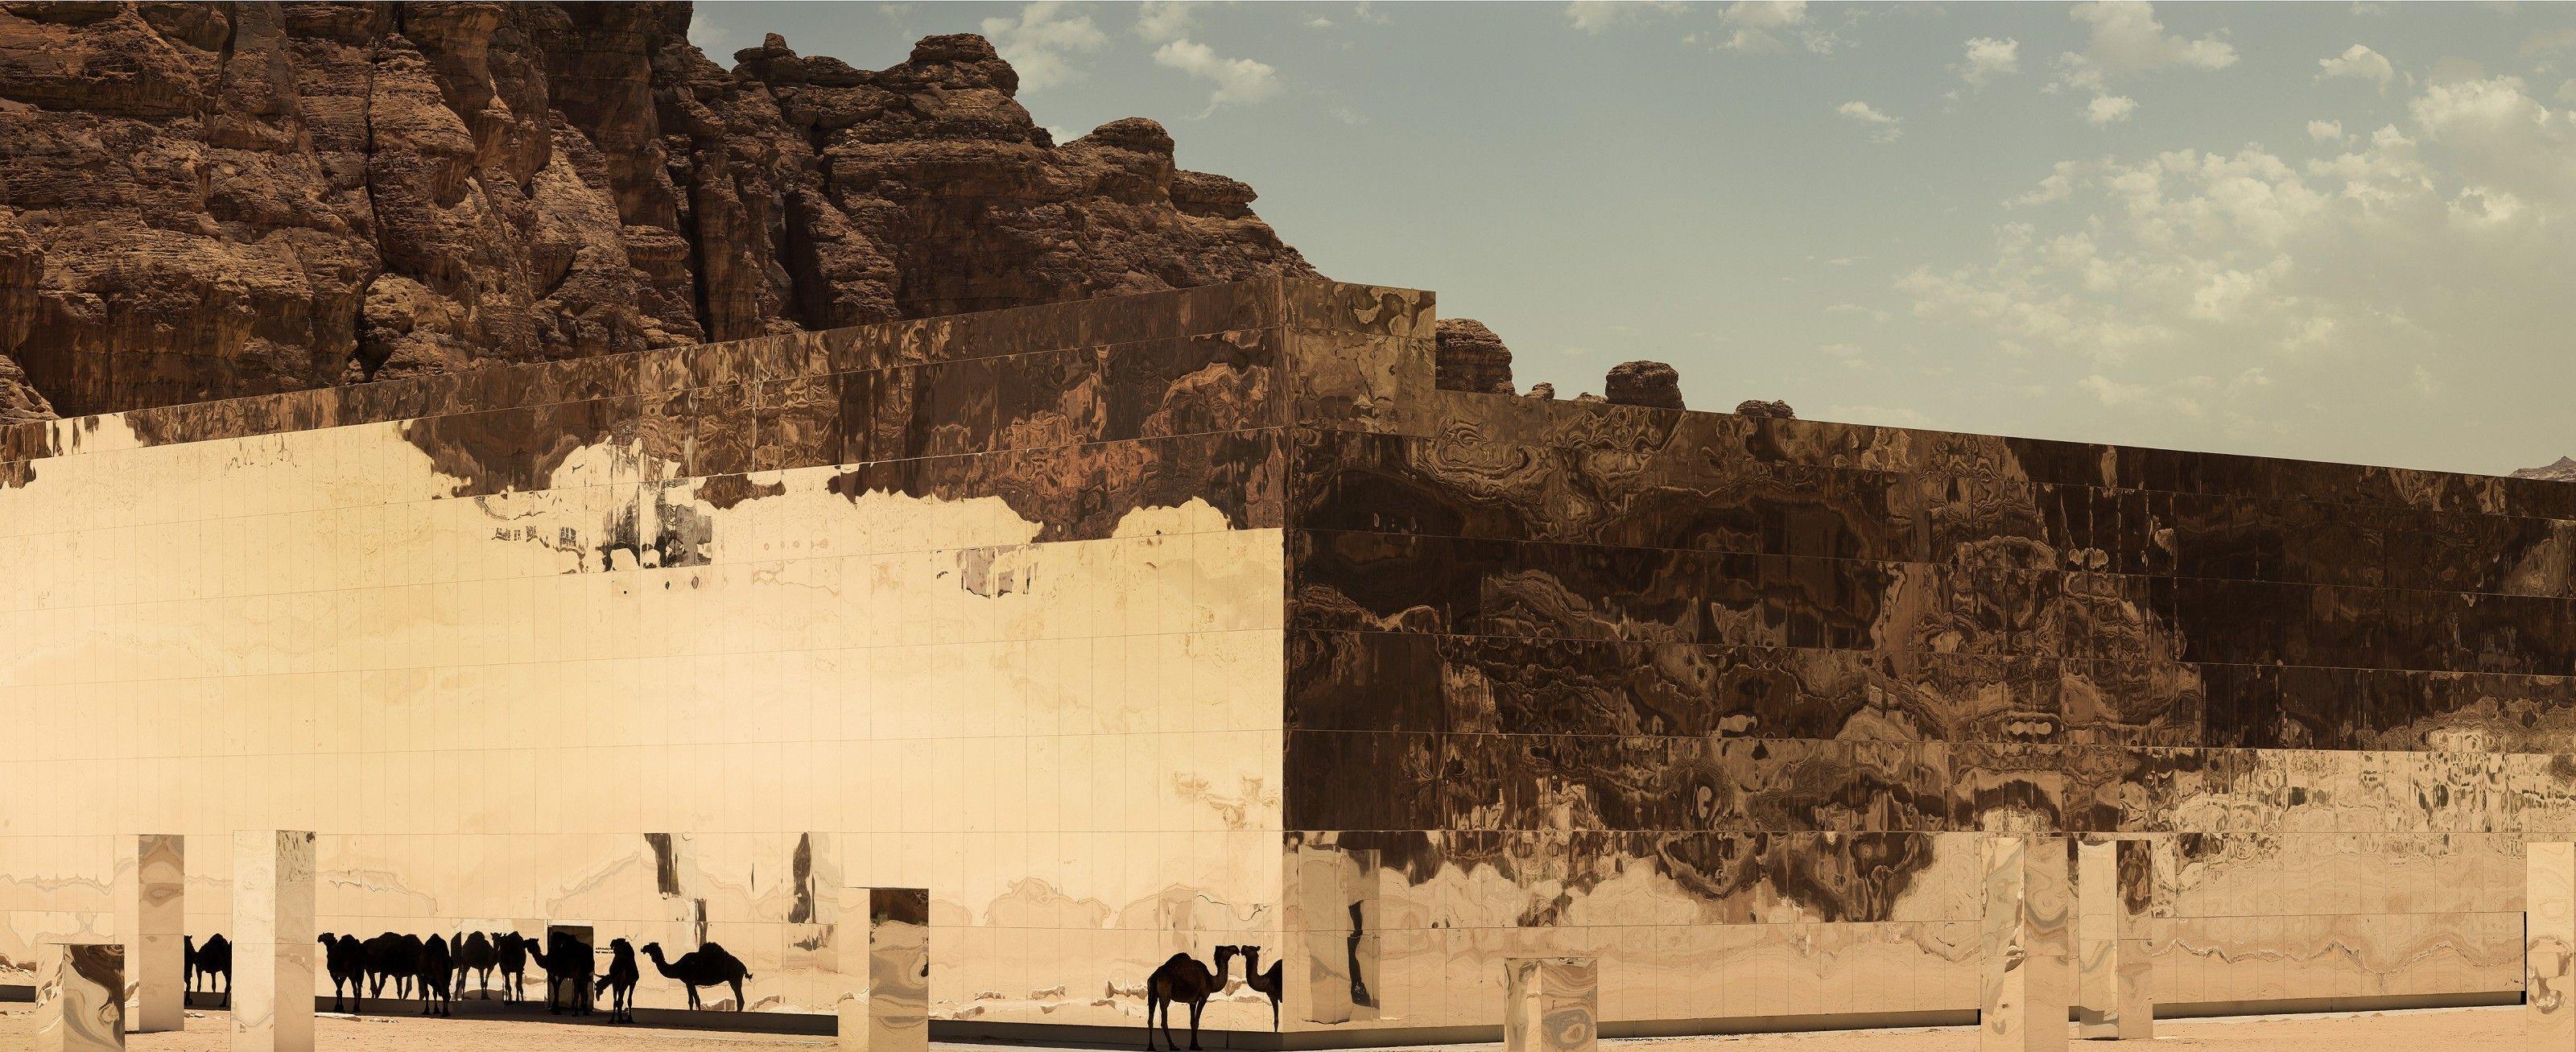 Sur les traces d'Ibn Battûta : l'Arabie saoudite